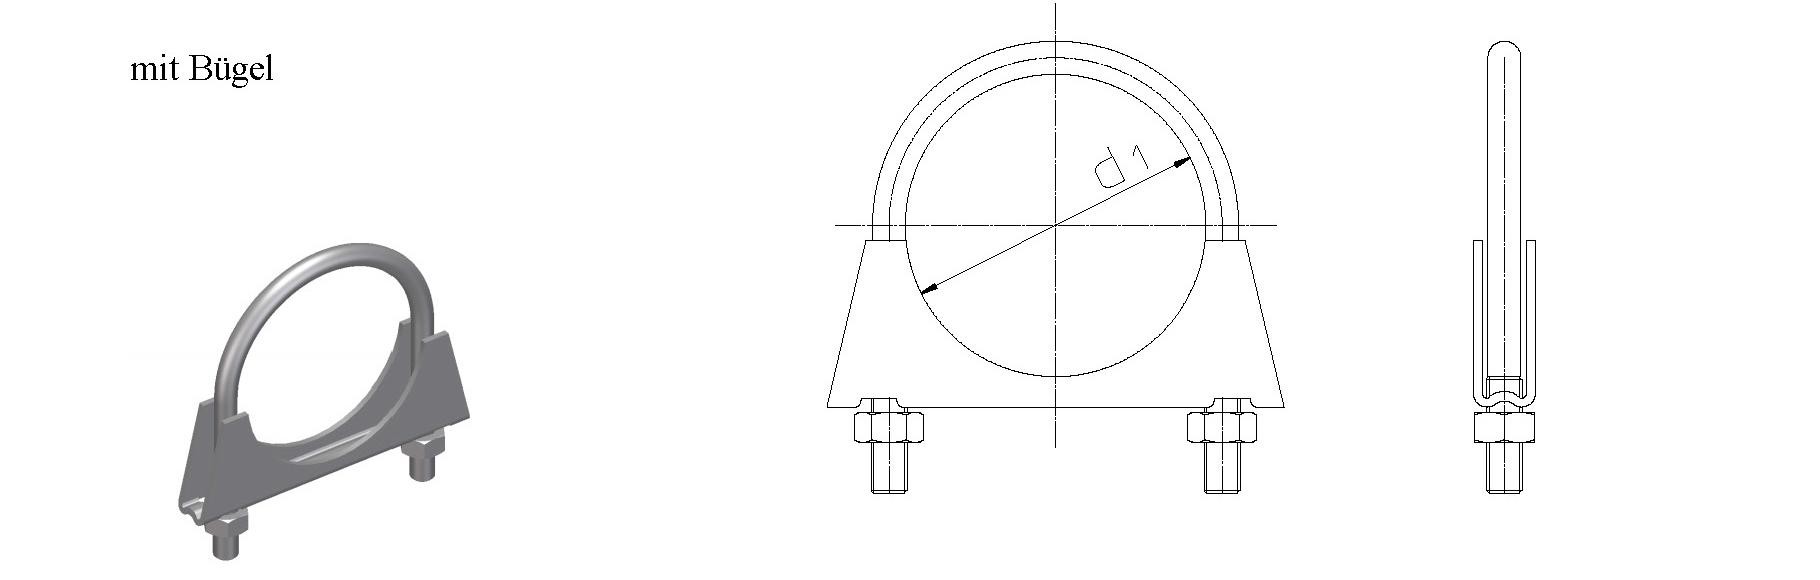 Gassmann_GmbH_Katalog_2016_17_mit_Schellenshop-Logo_und_ohne_Seitenzahl_Seite_37Ap5ZpI9cFhR8E